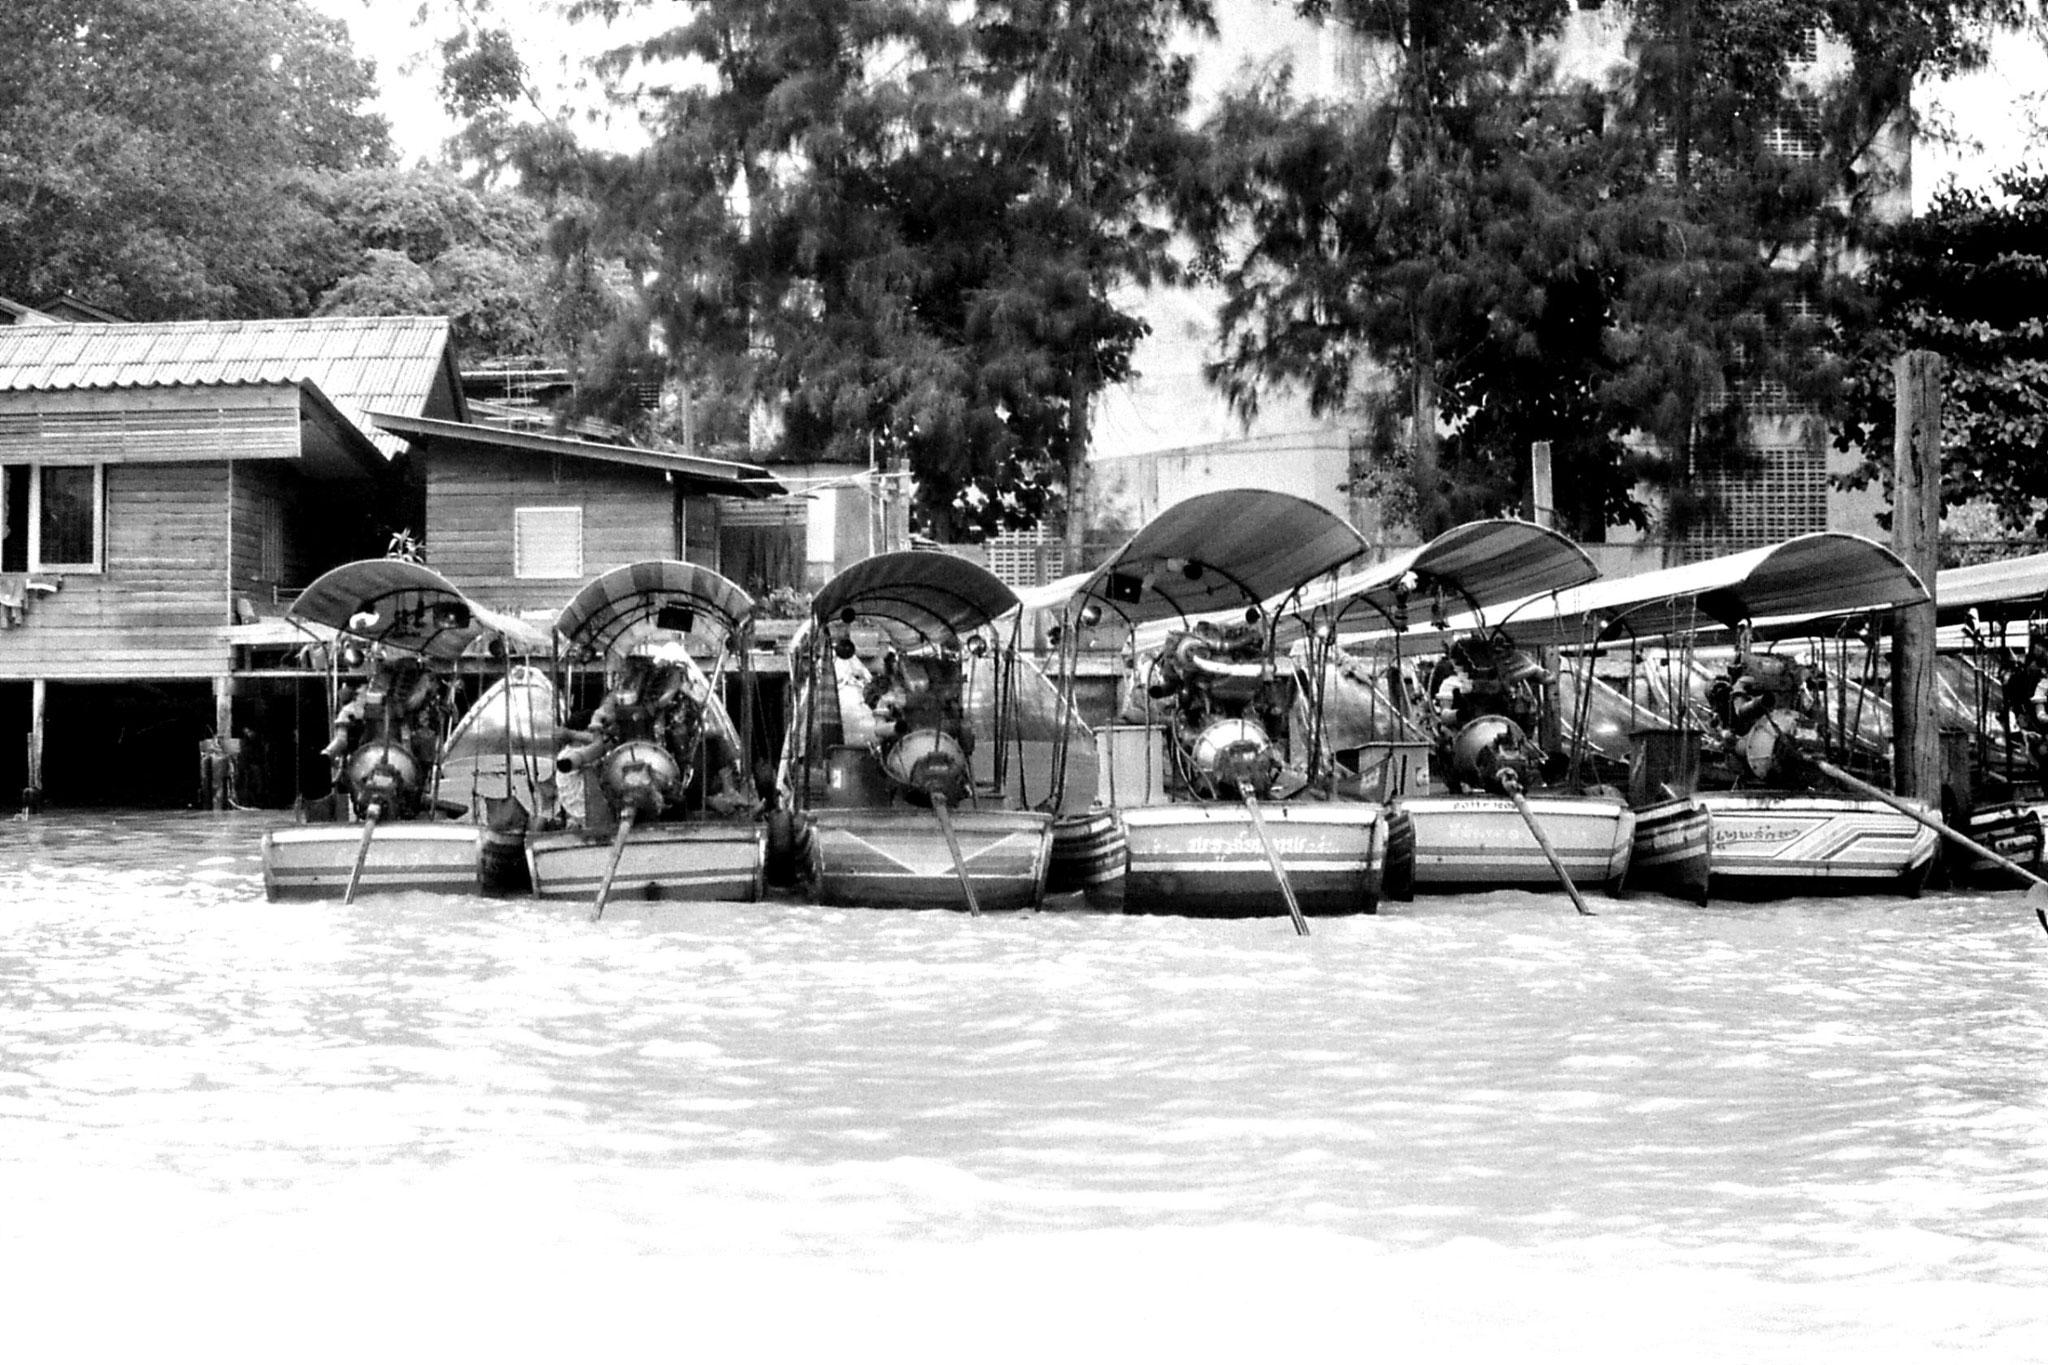 17/6/1990: 24: Bangkok, on the river